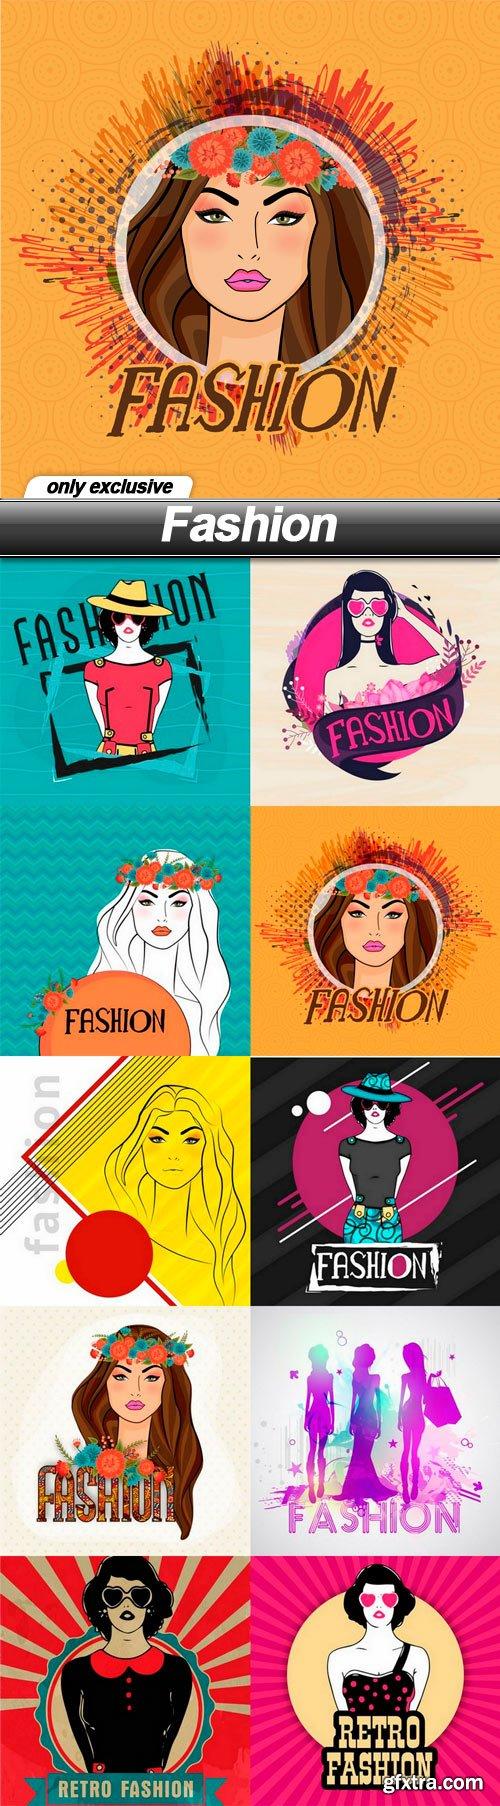 Fashion - 10 EPS